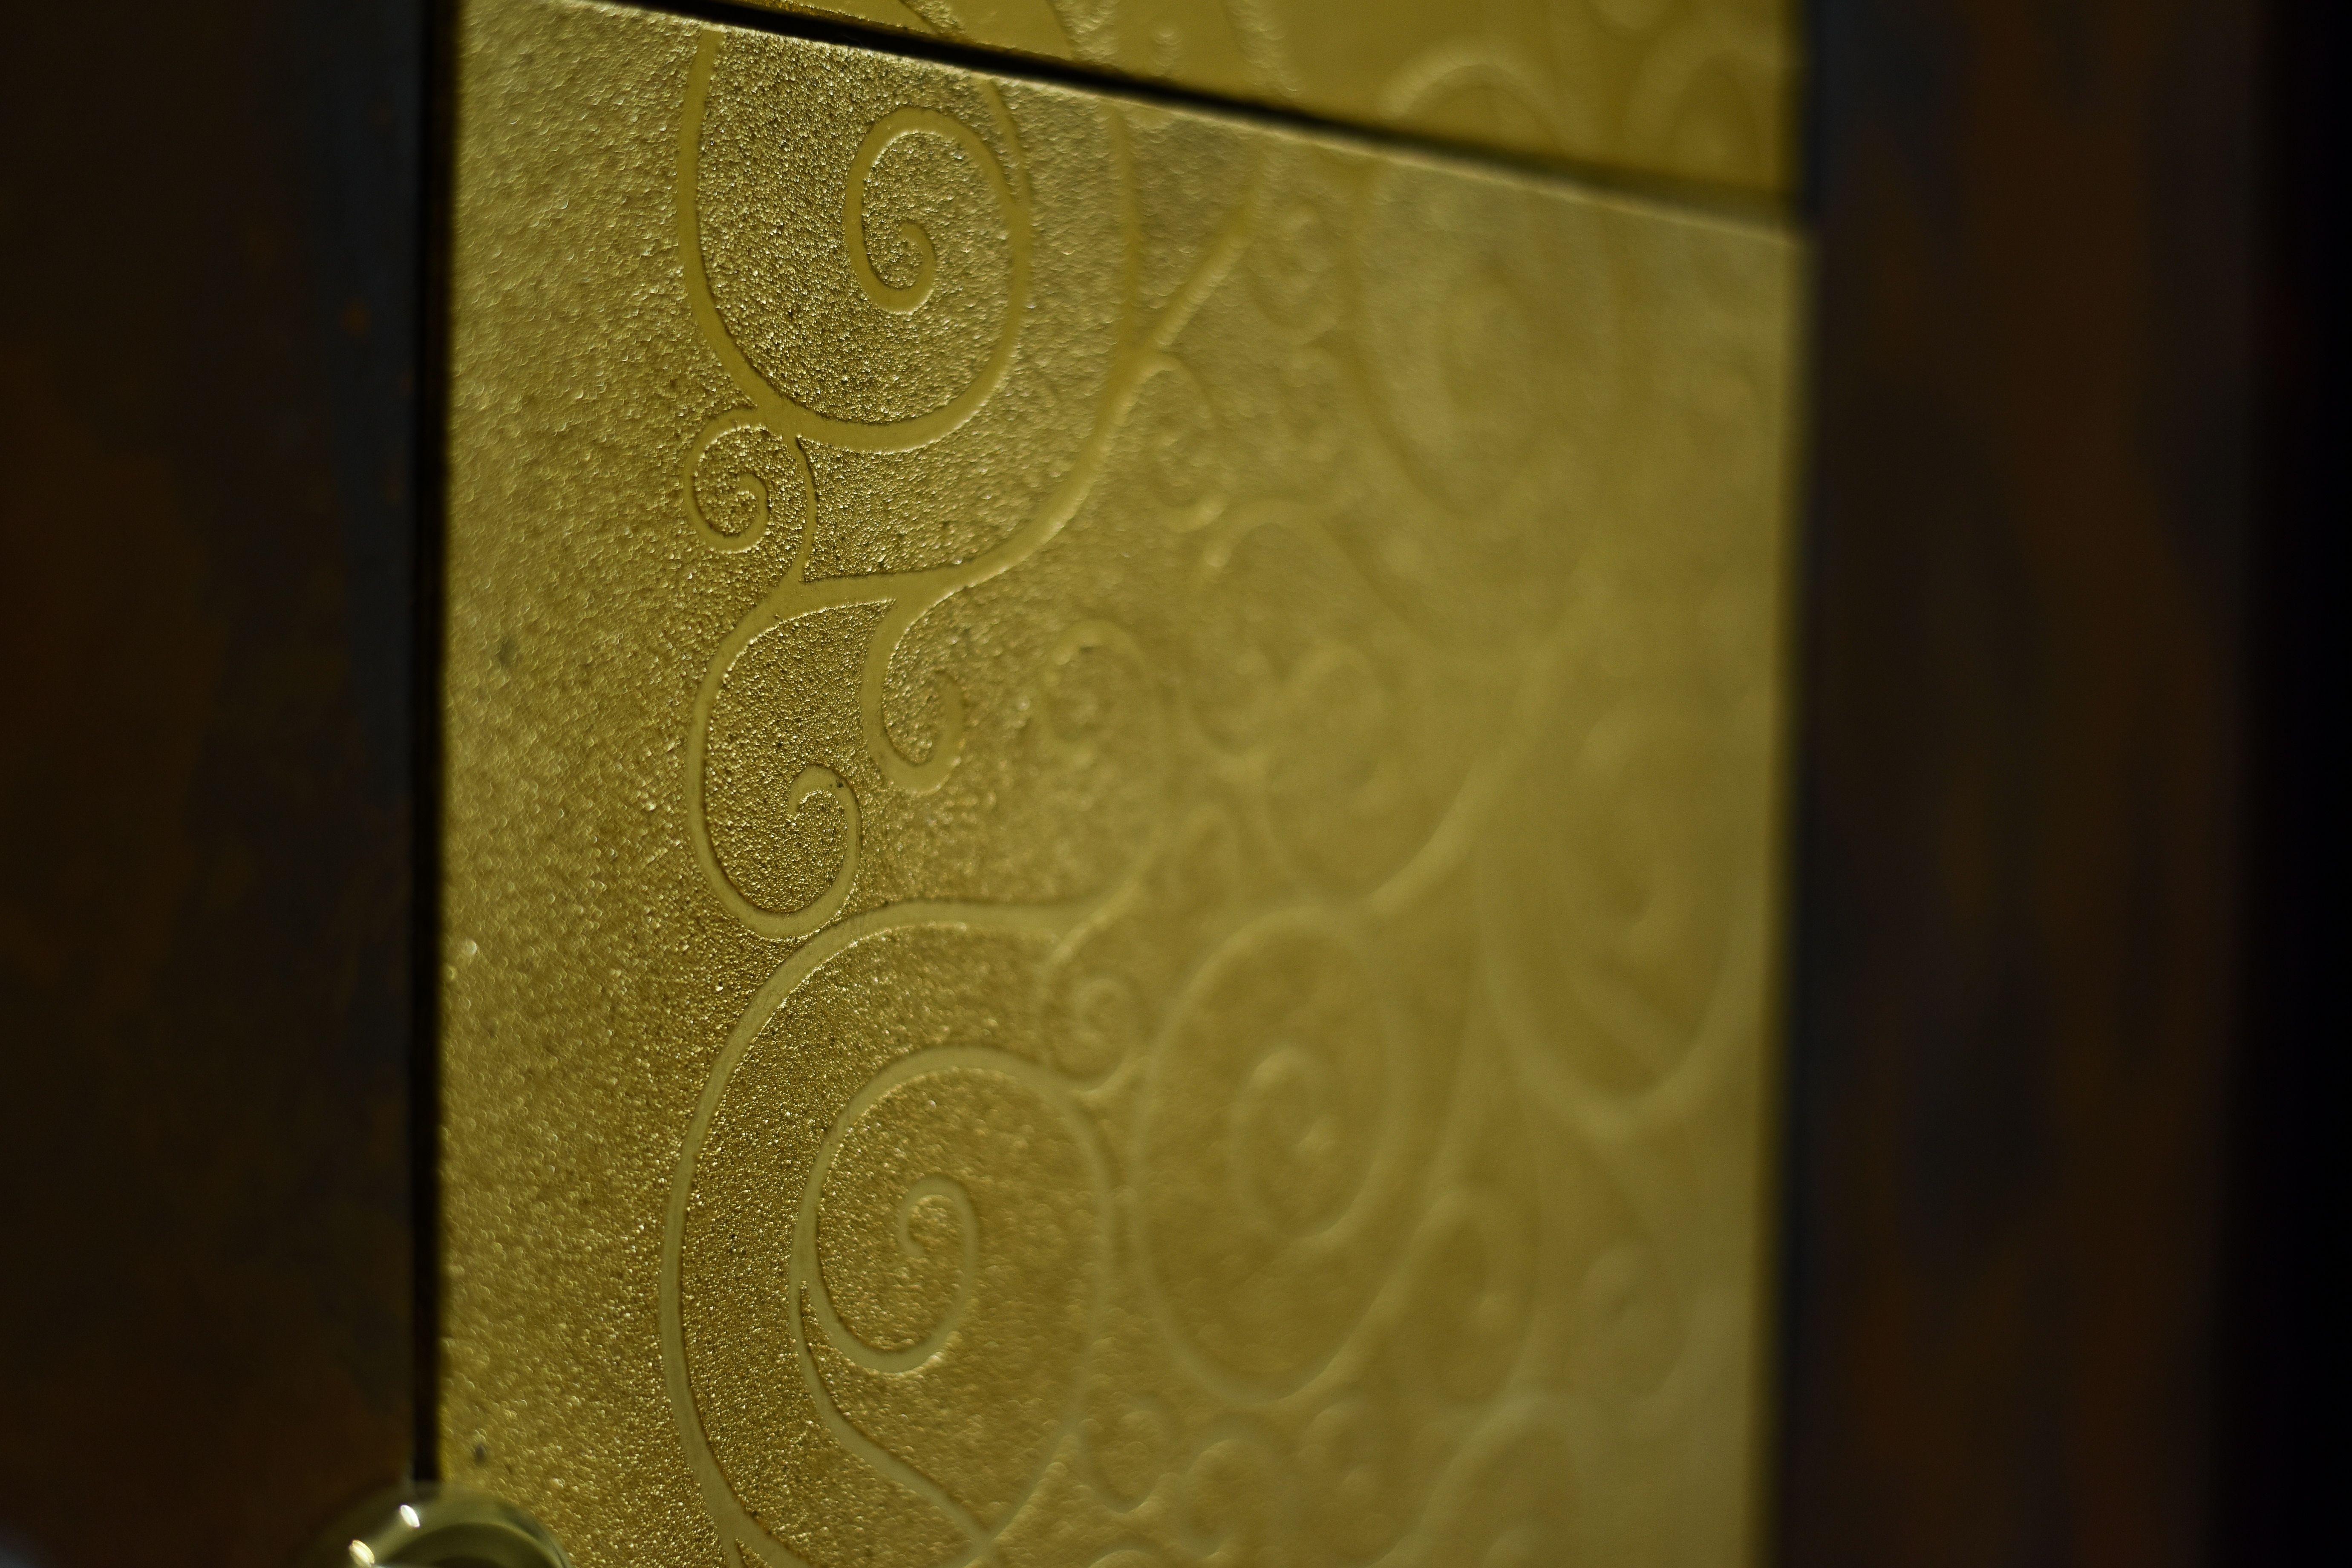 Pannello decorativo porta piastrelle decorate a mano foglia oro